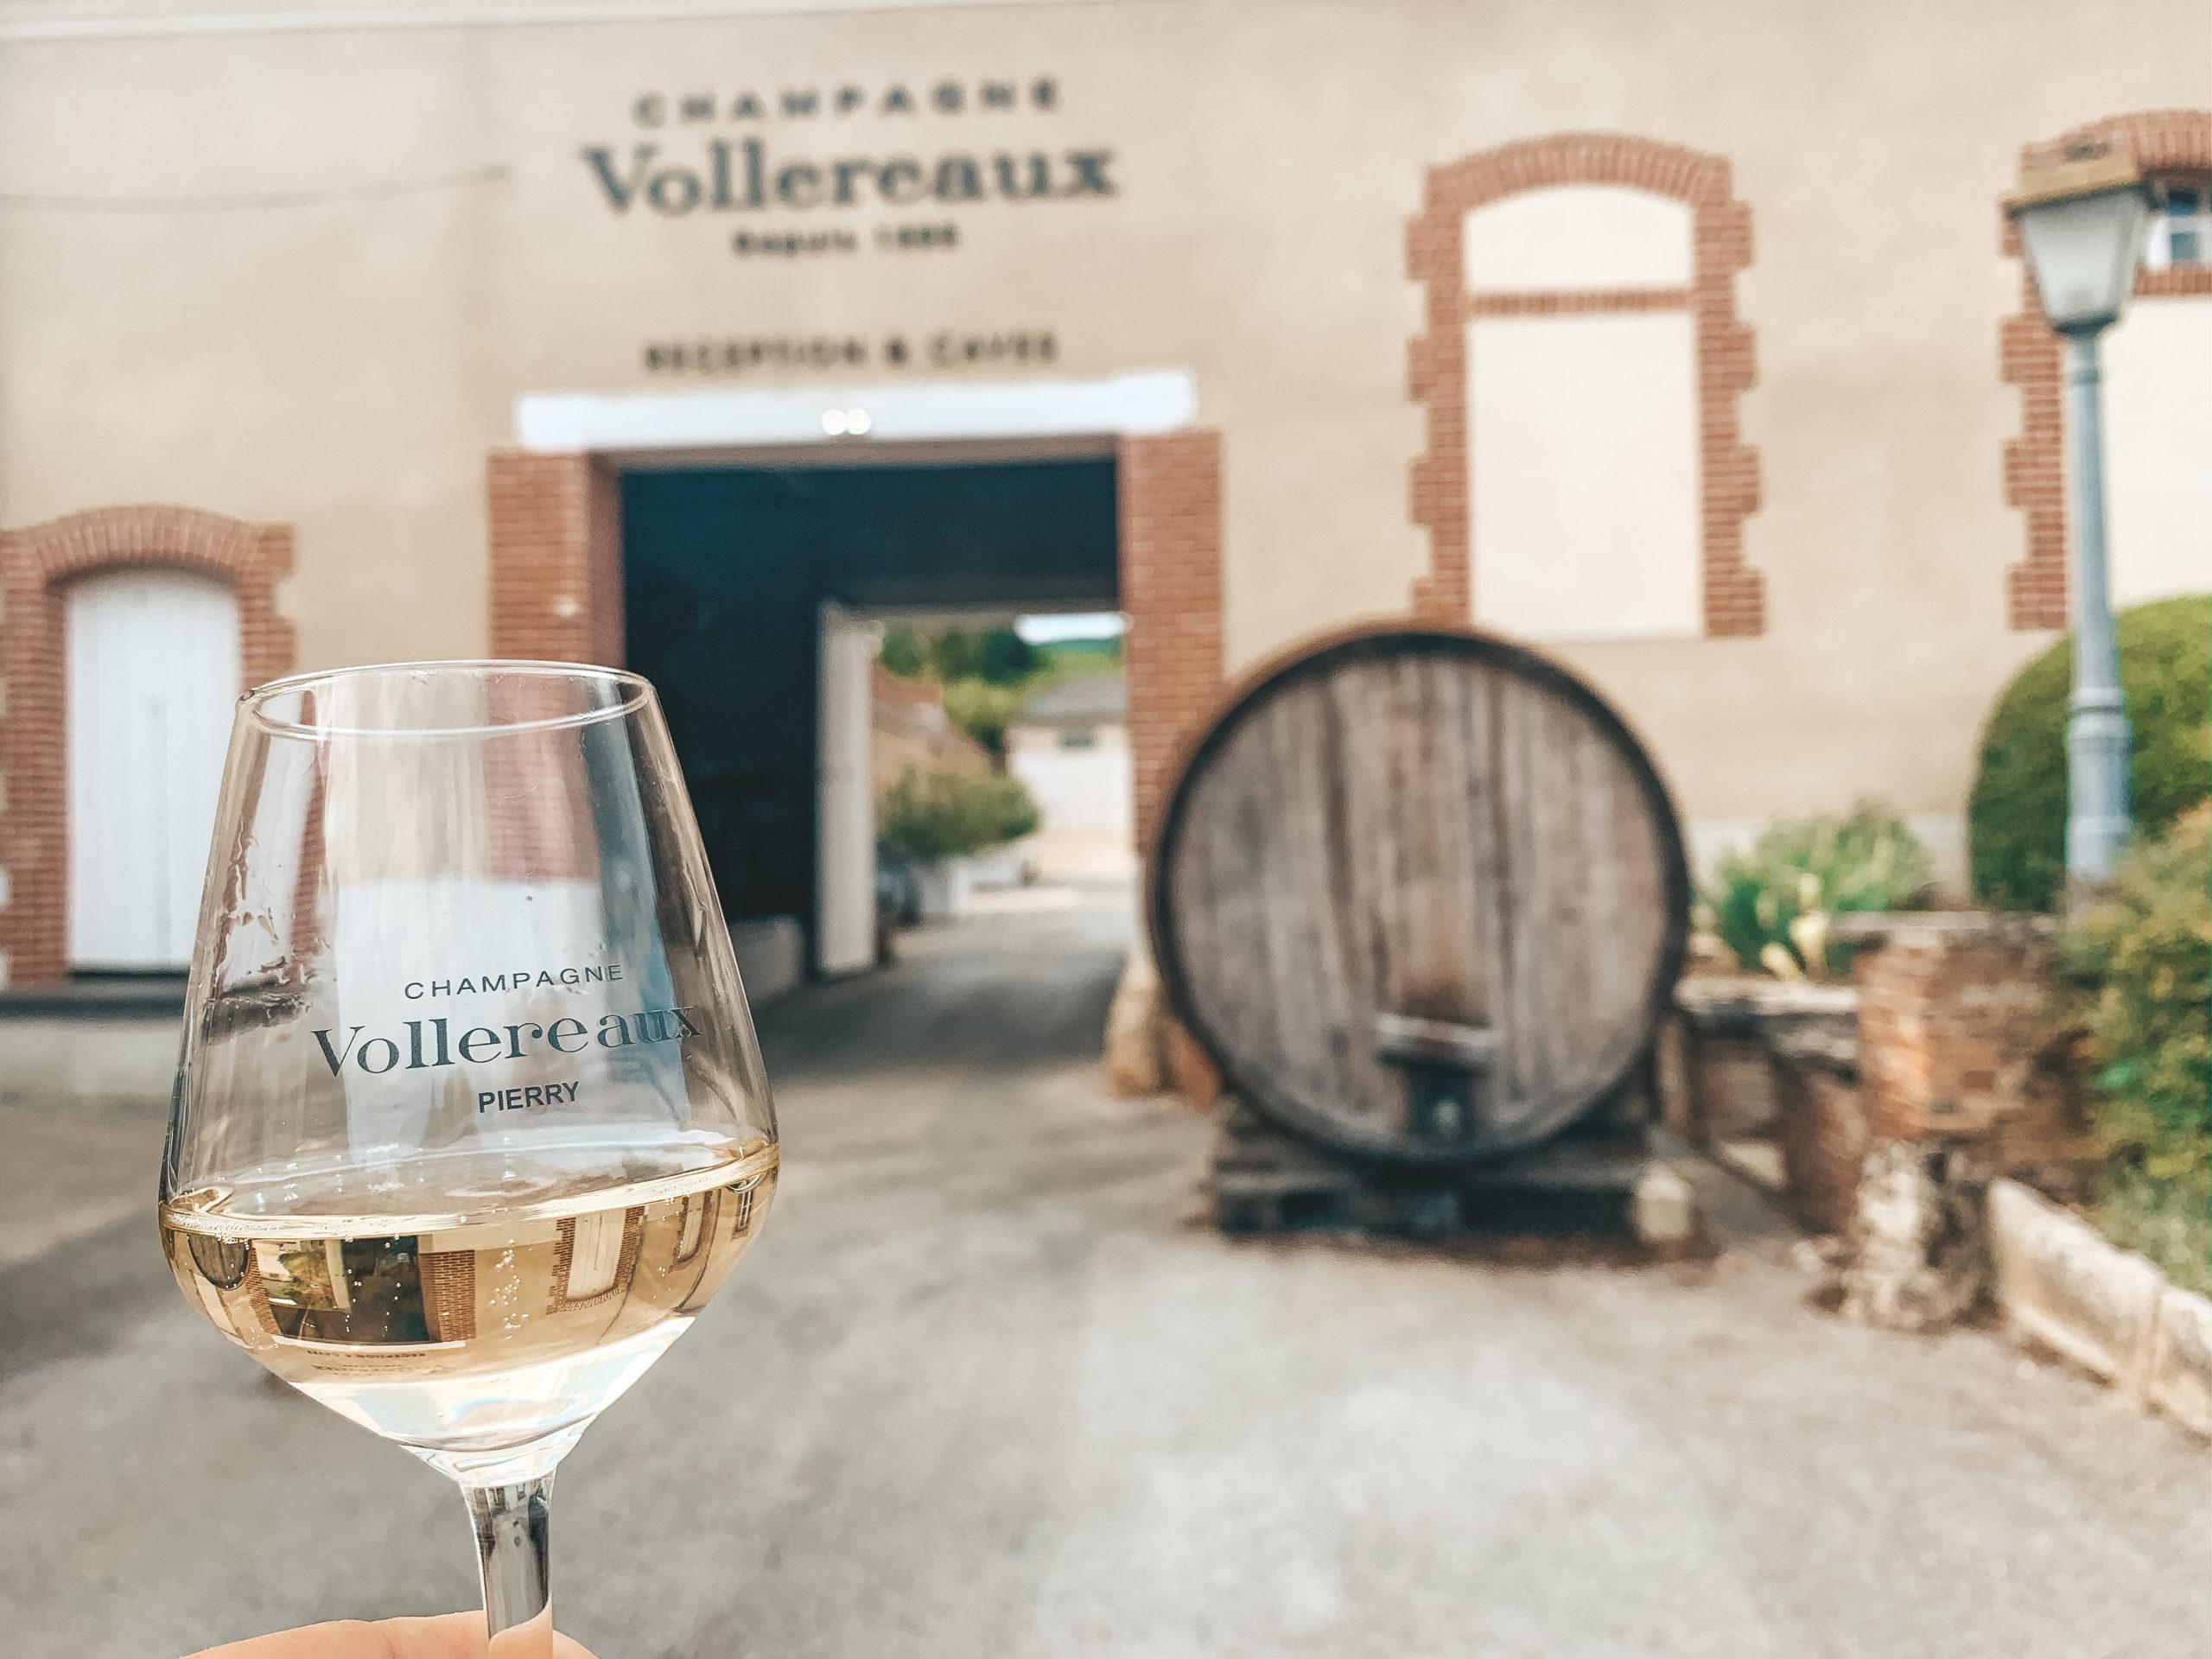 Vollereaux proeverij Champagne.